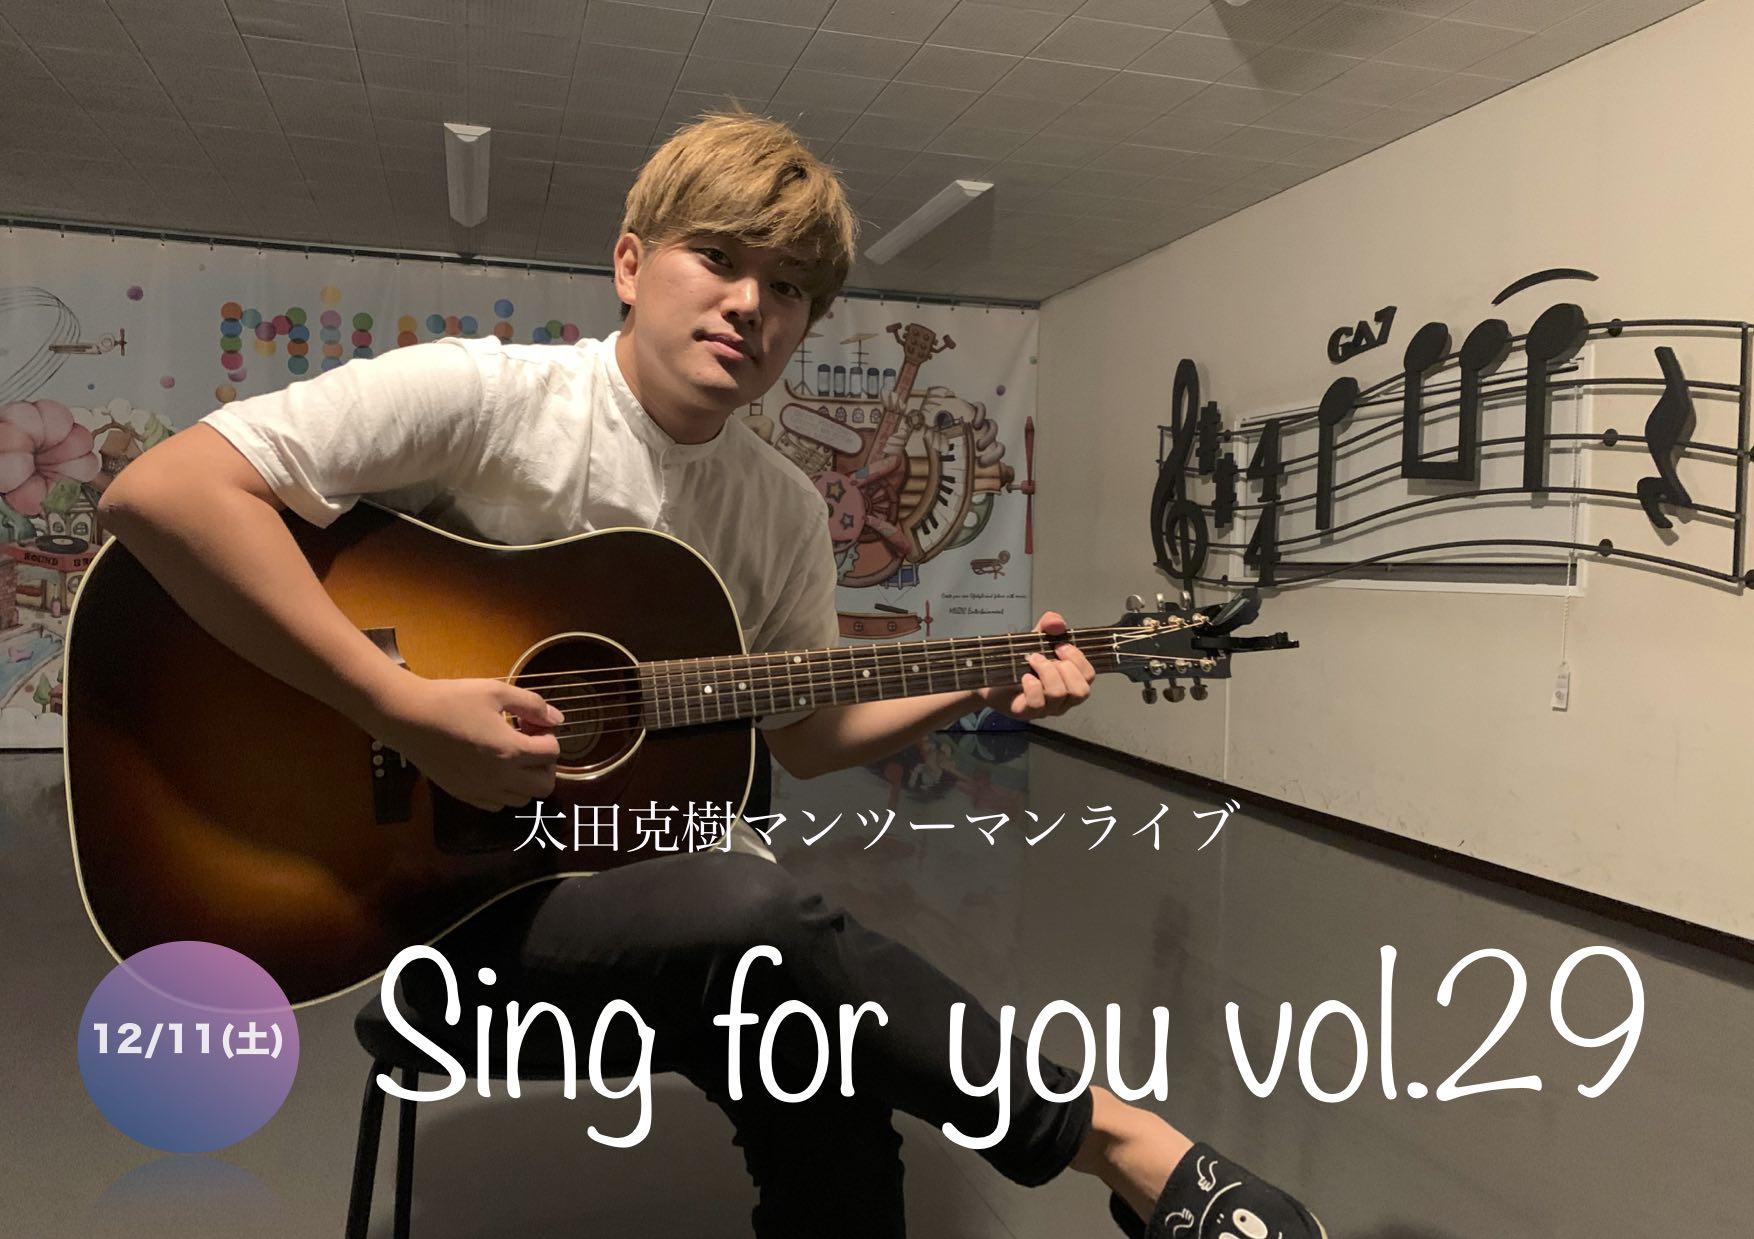 【太田克樹】12/11 (土)マンツーマンライブ「Sing for you vol.29」